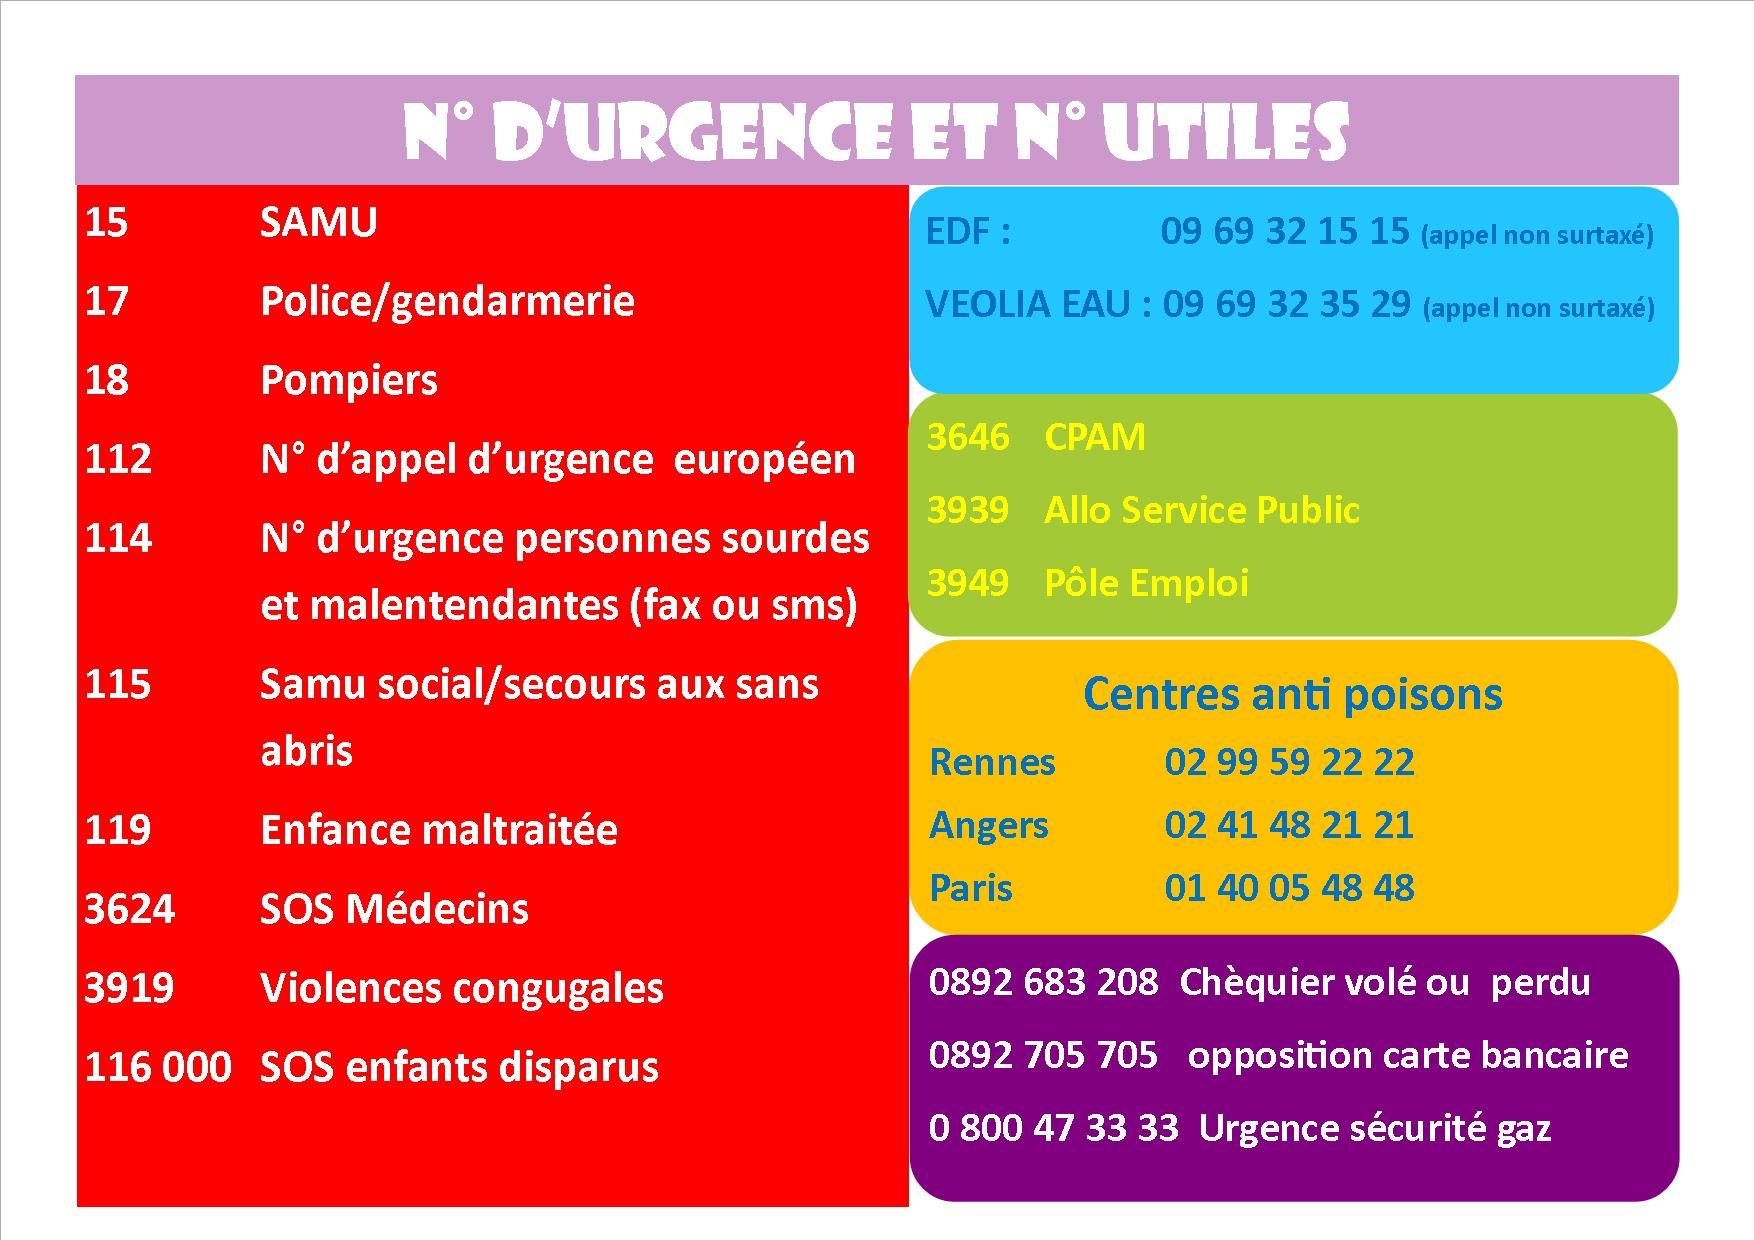 Allo les urgences - 2 part 3